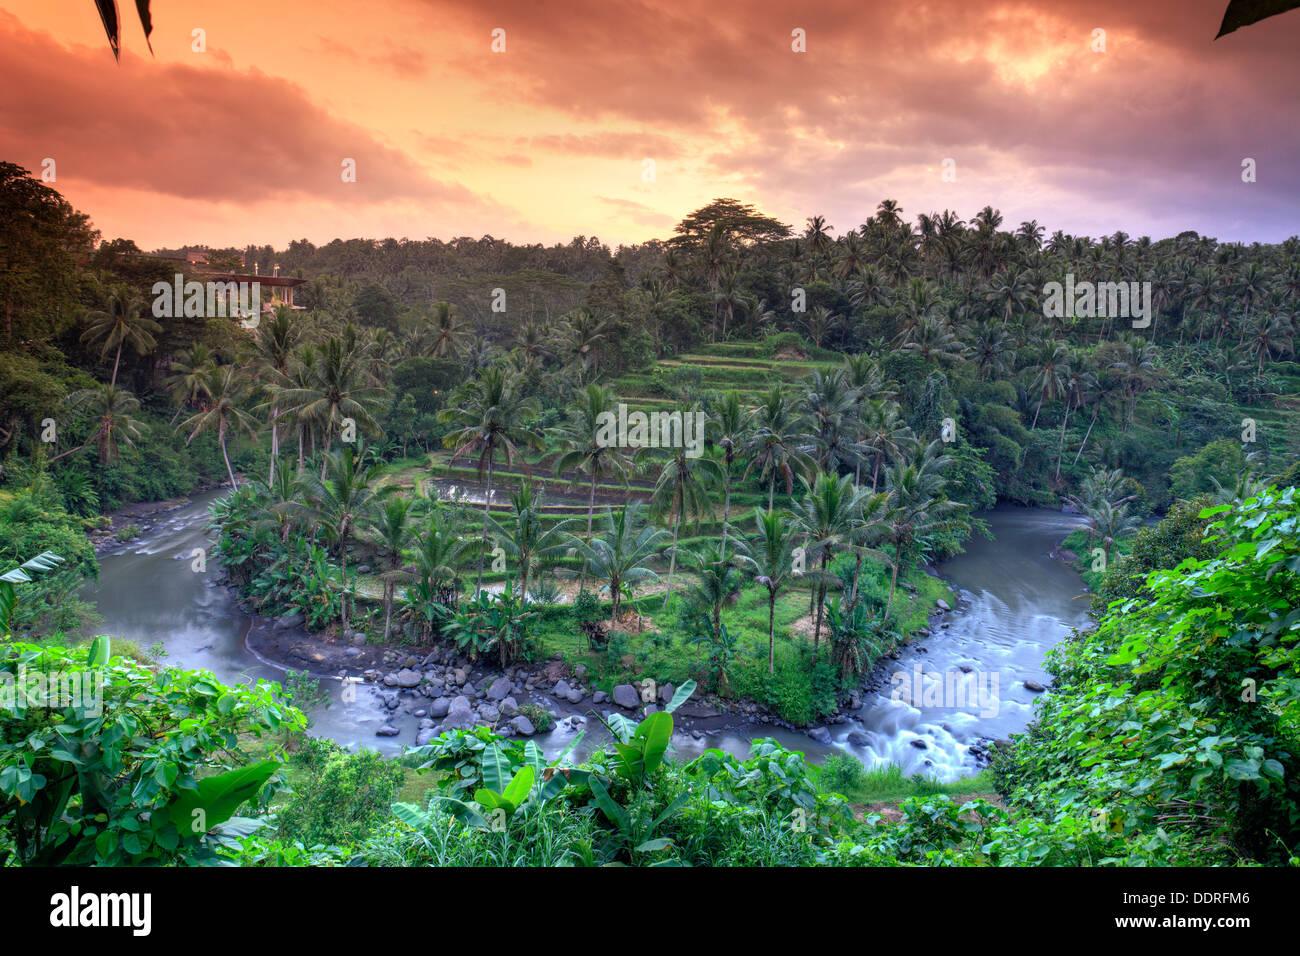 L'INDONÉSIE, Bali, Ubud, la vallée de la rivière Ayung et Sayan Photo Stock